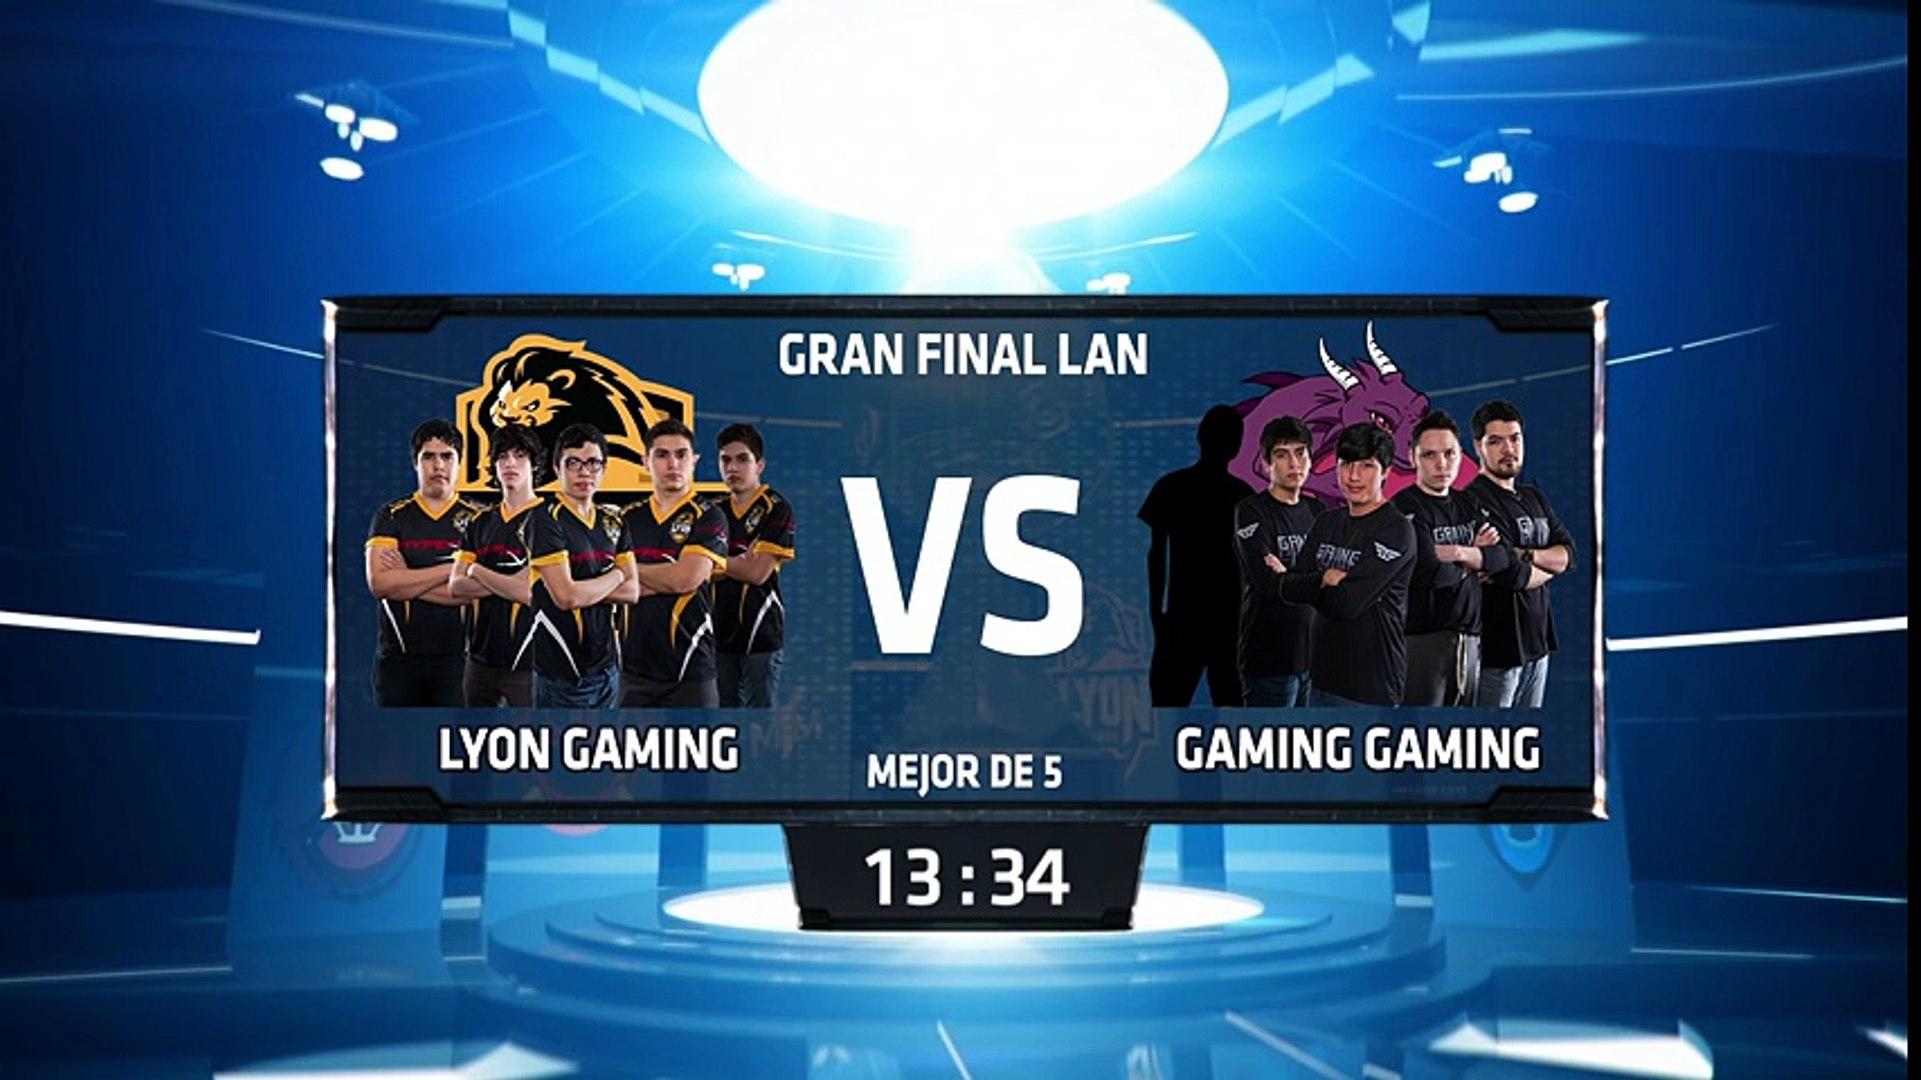 Lyon Gaming vs Gaming Gaming - La Final 196